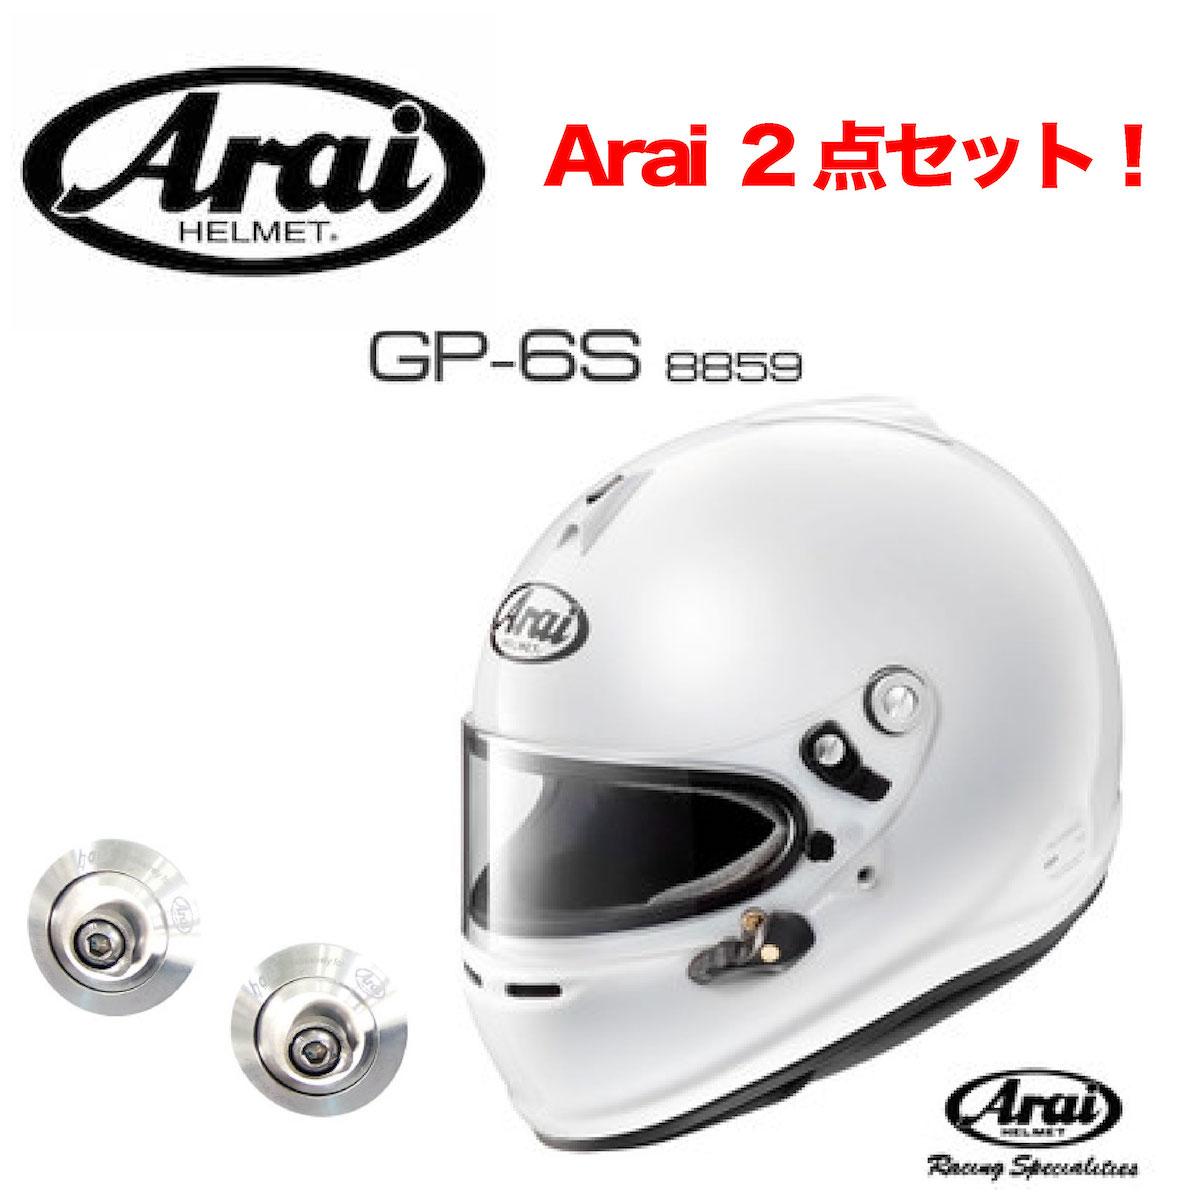 【送料無料】Arai アライ ヘルメット GP-6S HANSクリップ 2点セット4輪 【店頭受取対応商品】レーシングヘルメット フルフェイス 4輪用ヘルメット 四輪用ヘルメット レーシング レーシングカート 四輪 メーカー 大人 かっこいい オシャレ おしゃれ シルバー